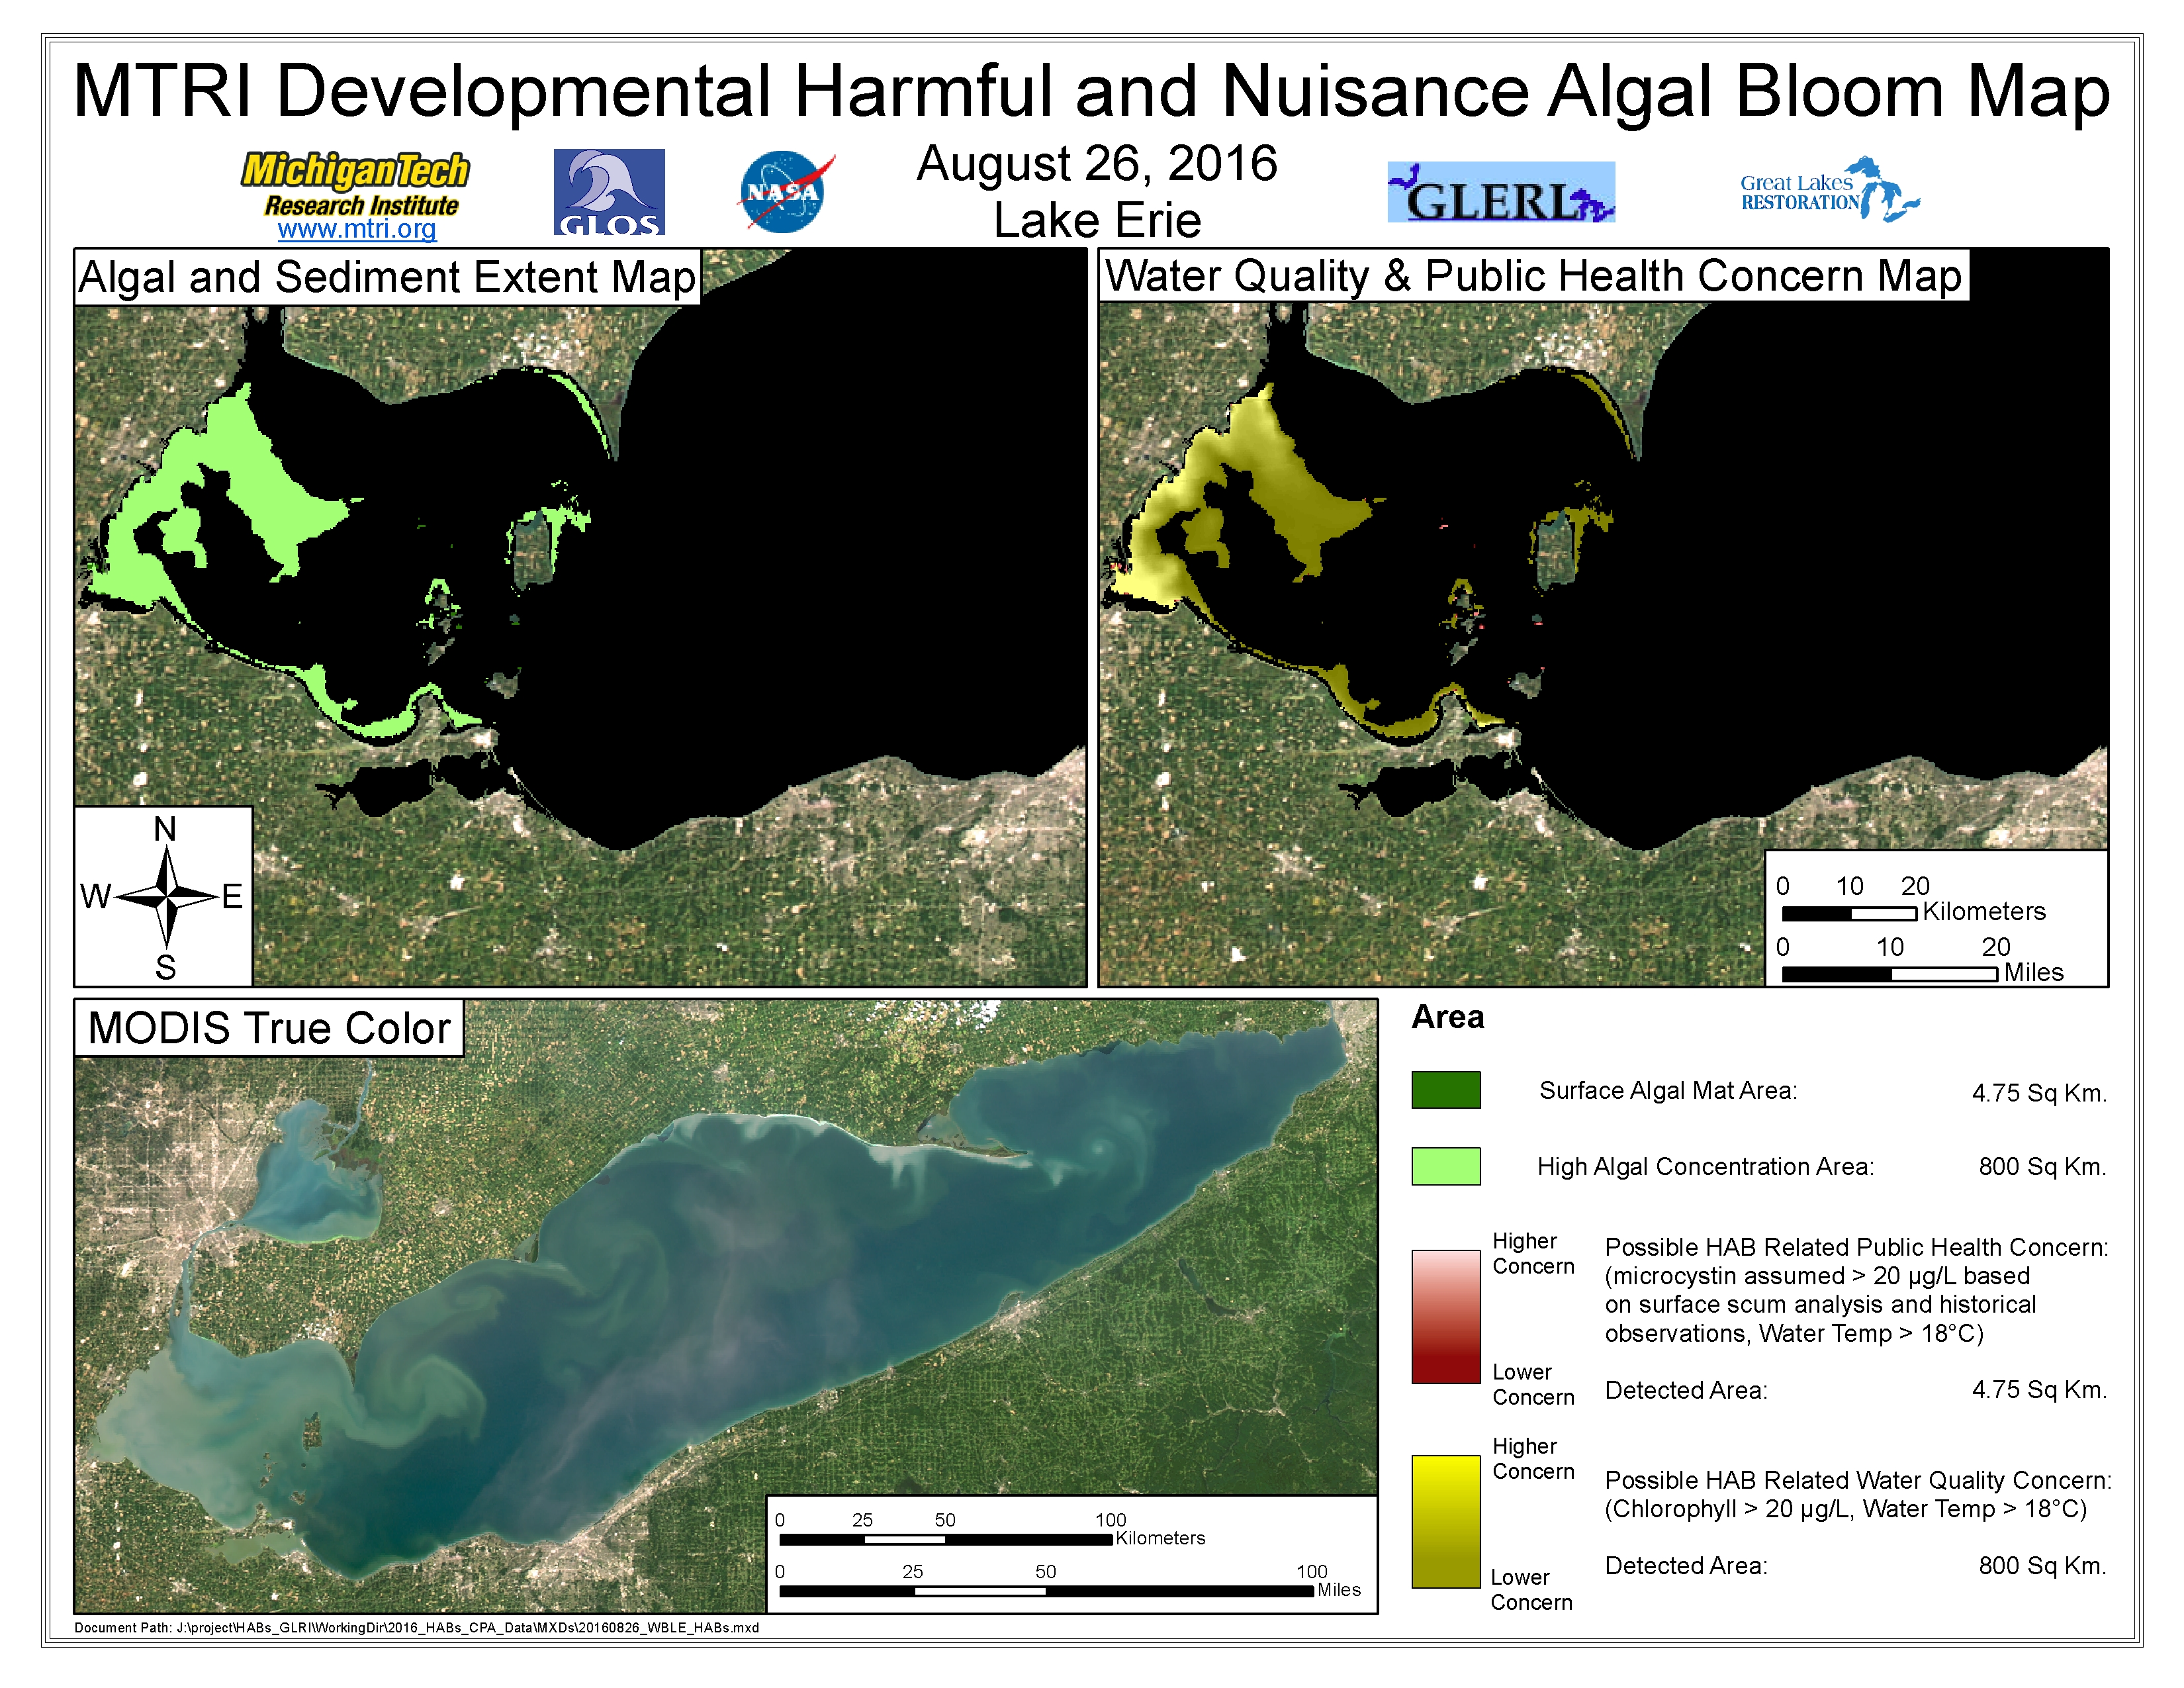 MODIS Aqua retrieval August 26, 2016